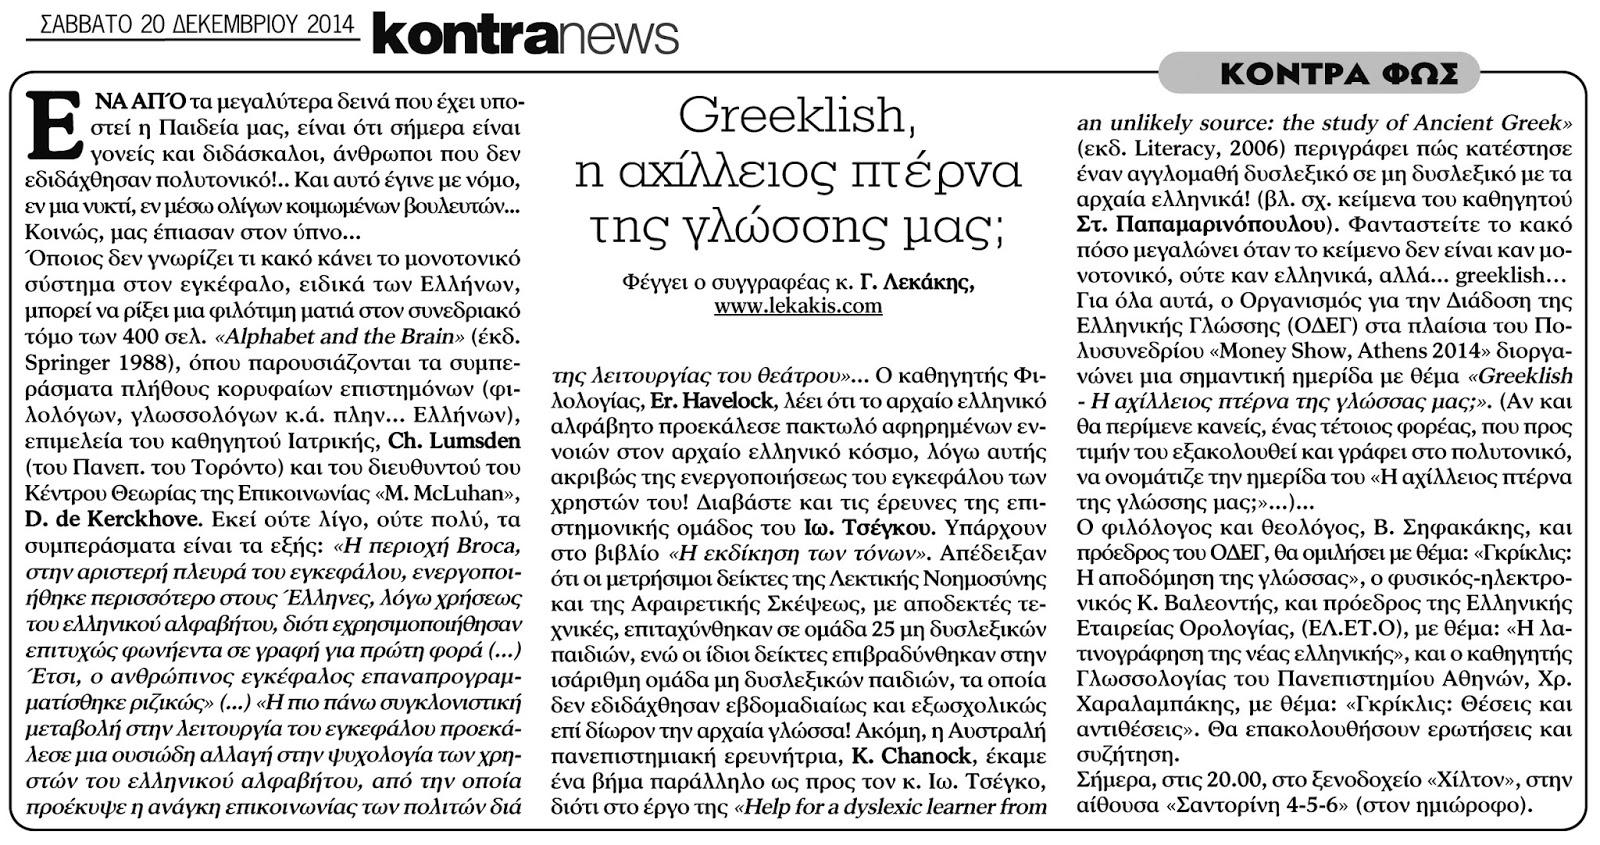 Greeklish, η αχίλλειος πτέρνα της γλώσσας μας;